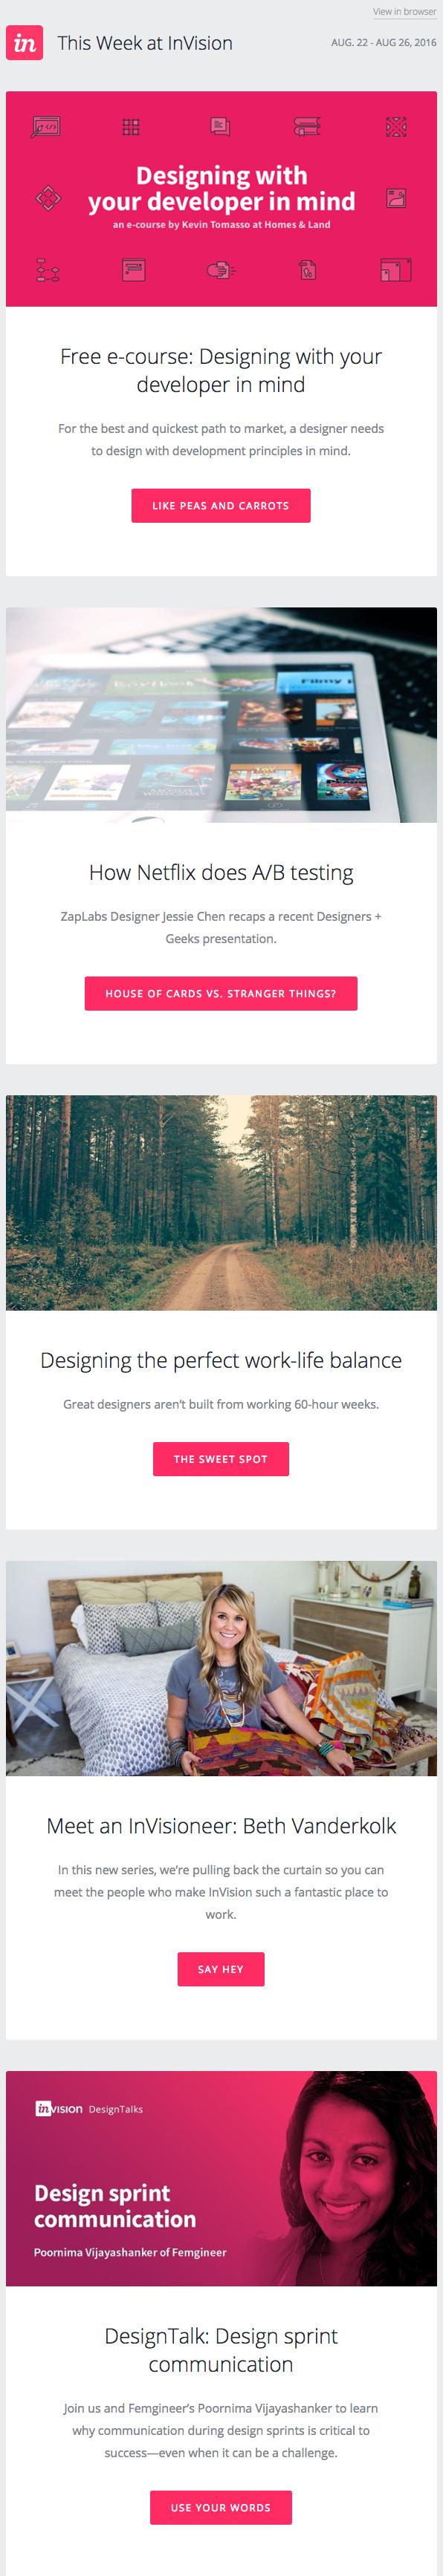 Ejemplo de campaña de marketing por correo electrónico de InVision para su boletín semanal del blog